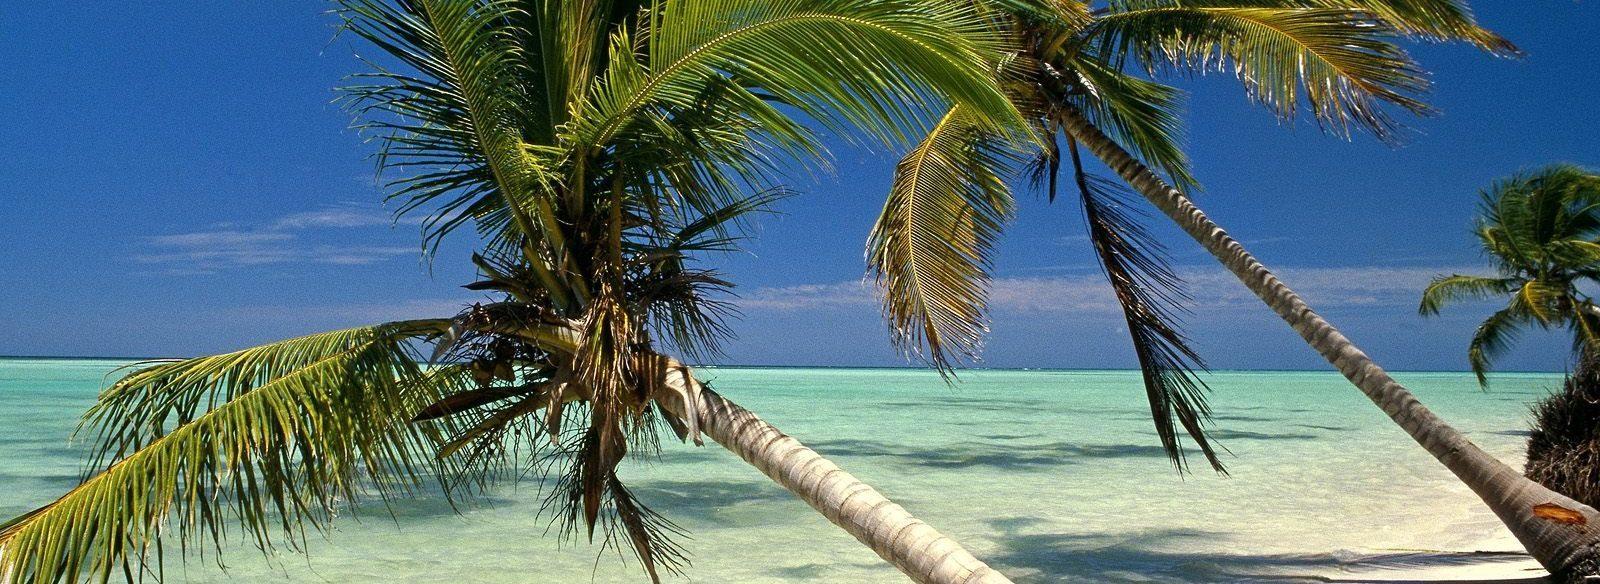 Горящие туры и путевки в Доминикану, дешевые цены на отдых в Доминикане